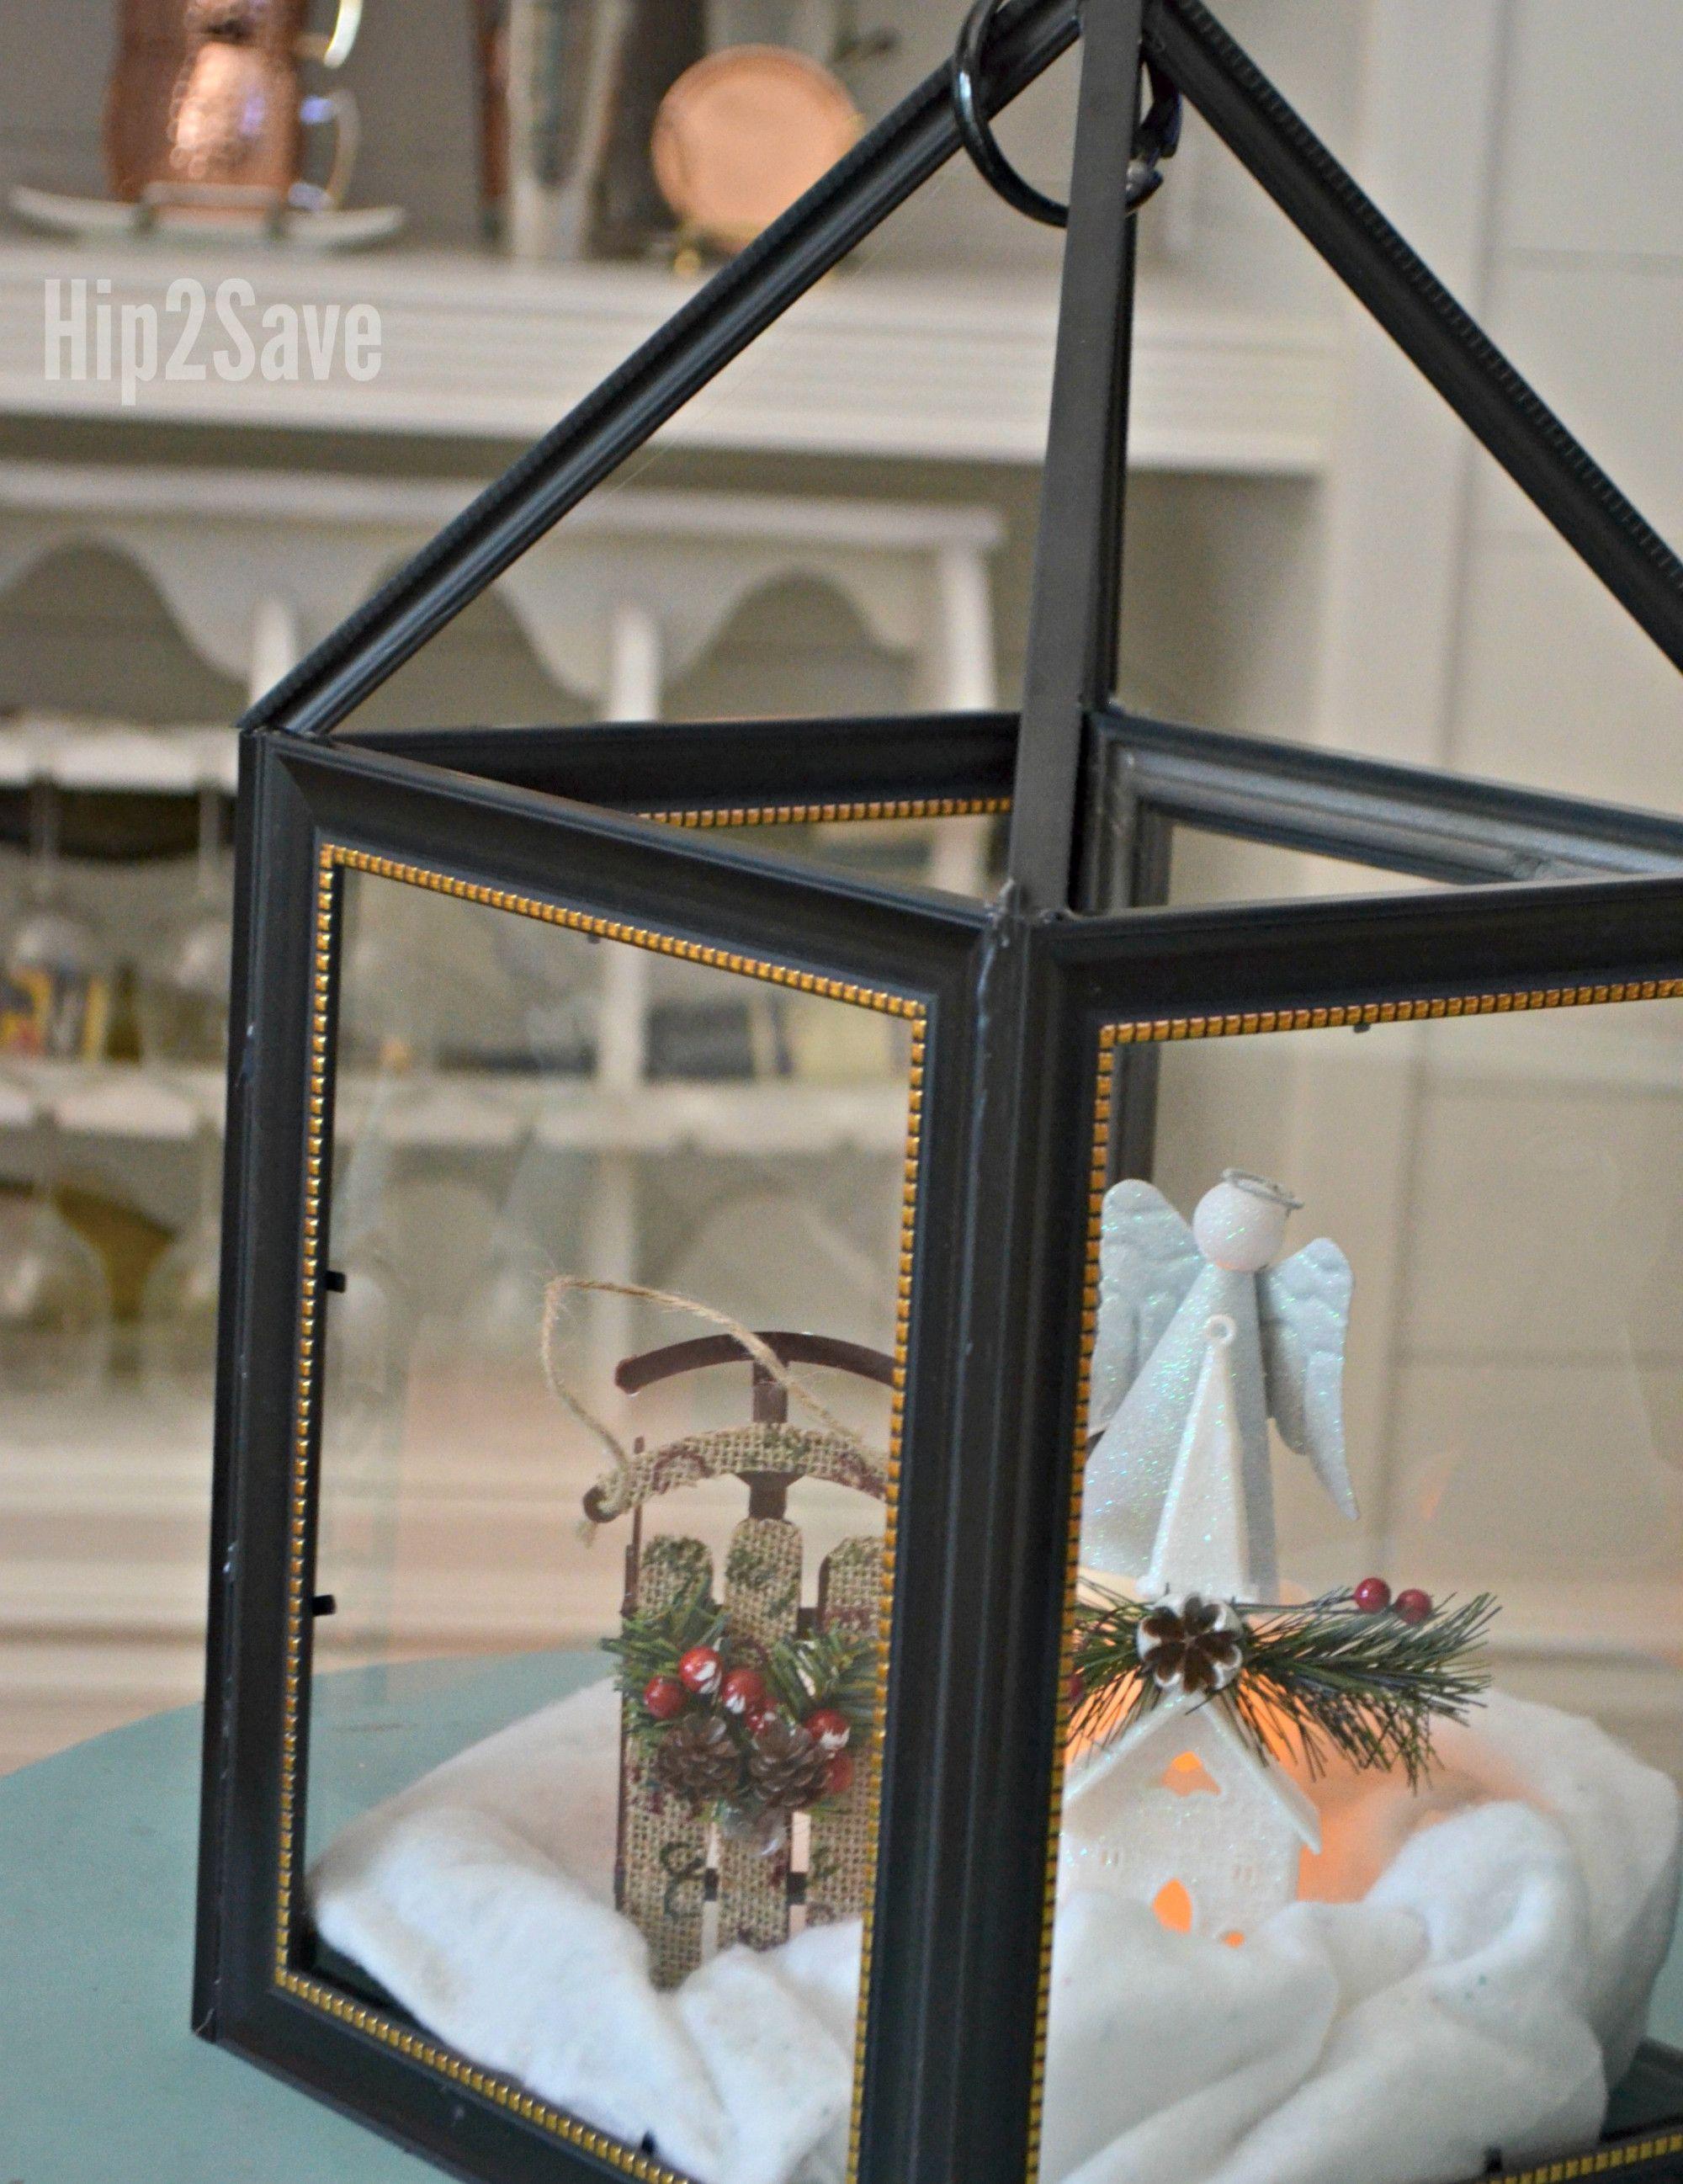 Diy Dollar Tree Picture Frame Lanterns Diy Crafts To Sell Dollar